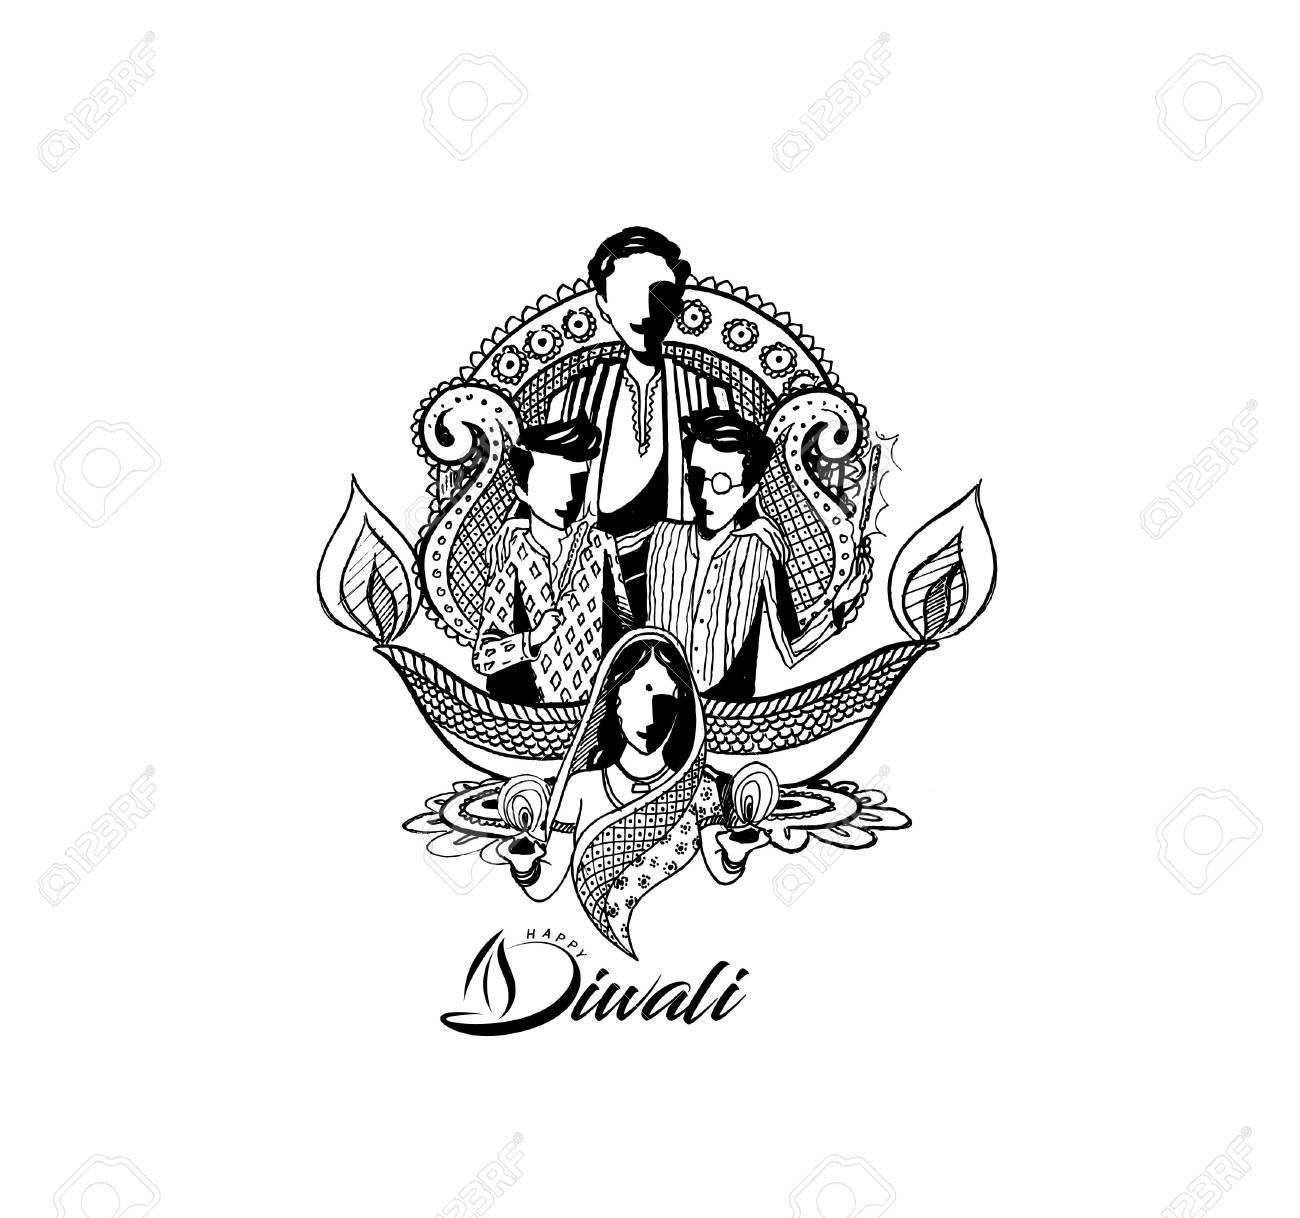 Happy diwali creative background for diwali festival hand drawn